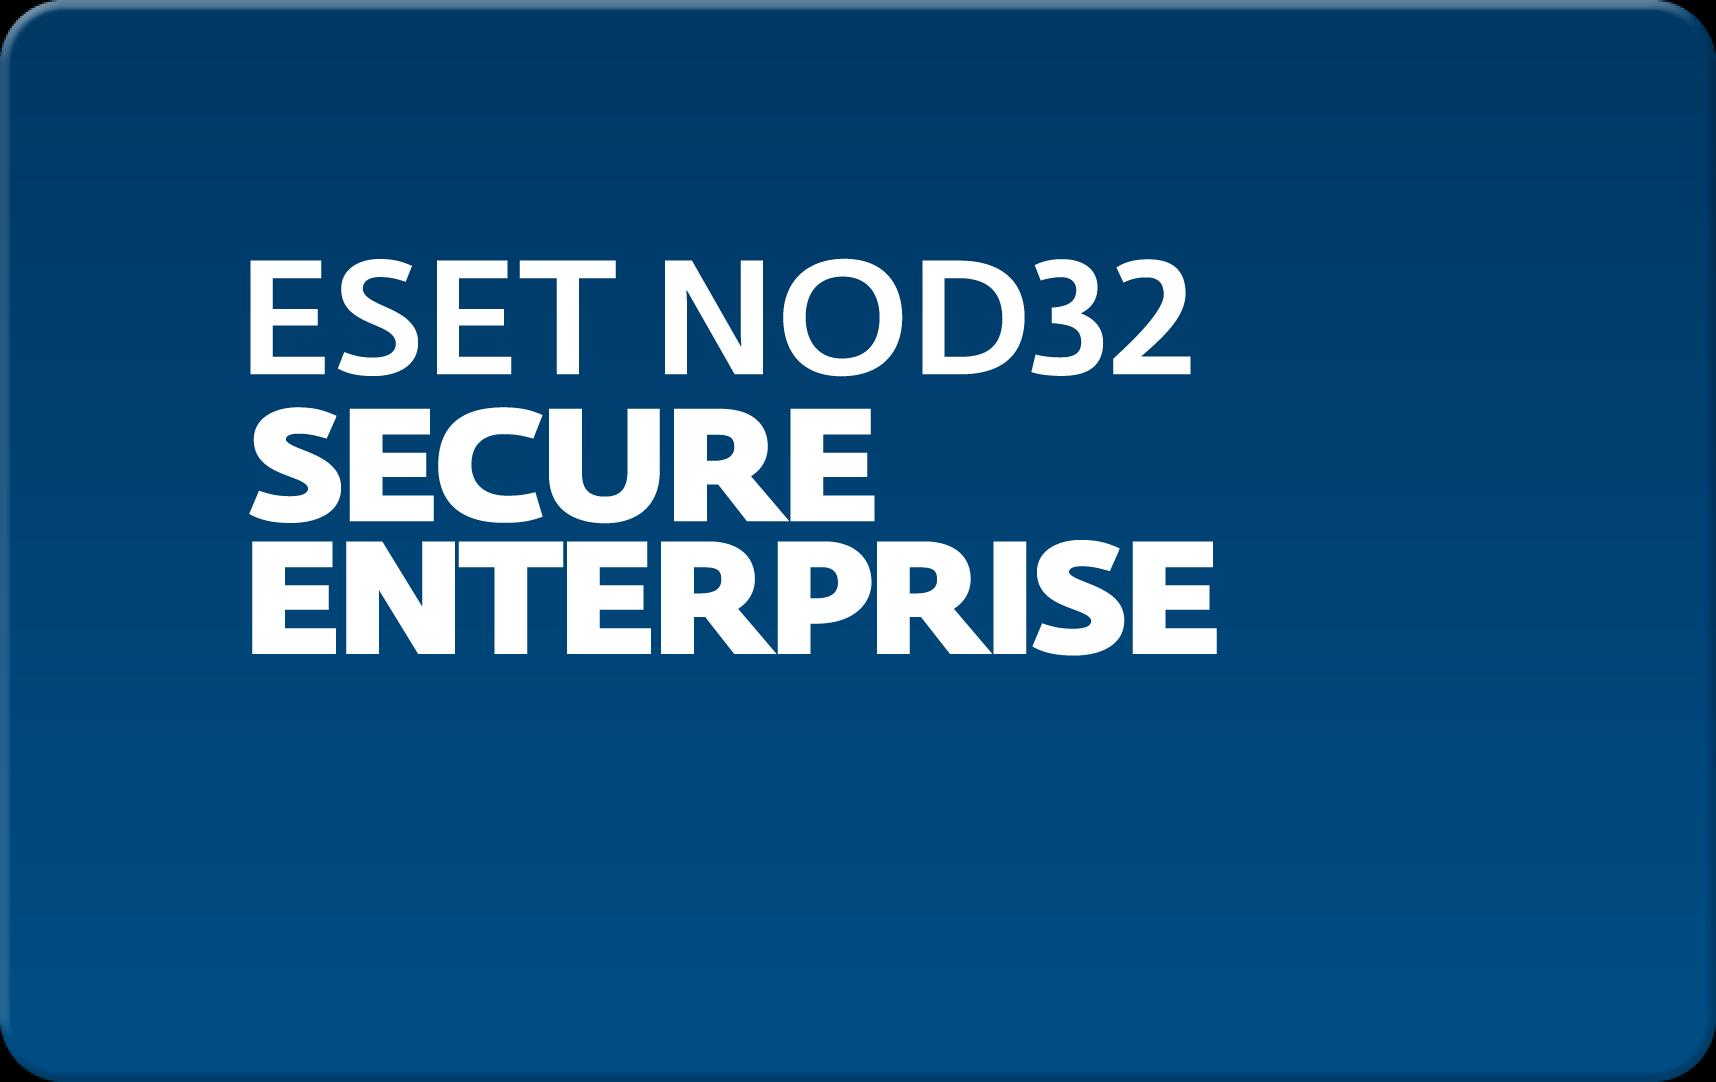 Кроссплатформенная антивирусная защита всех узлов корпоративной сети Eset NOD32 Secure Enterprise  для 43 пользователей